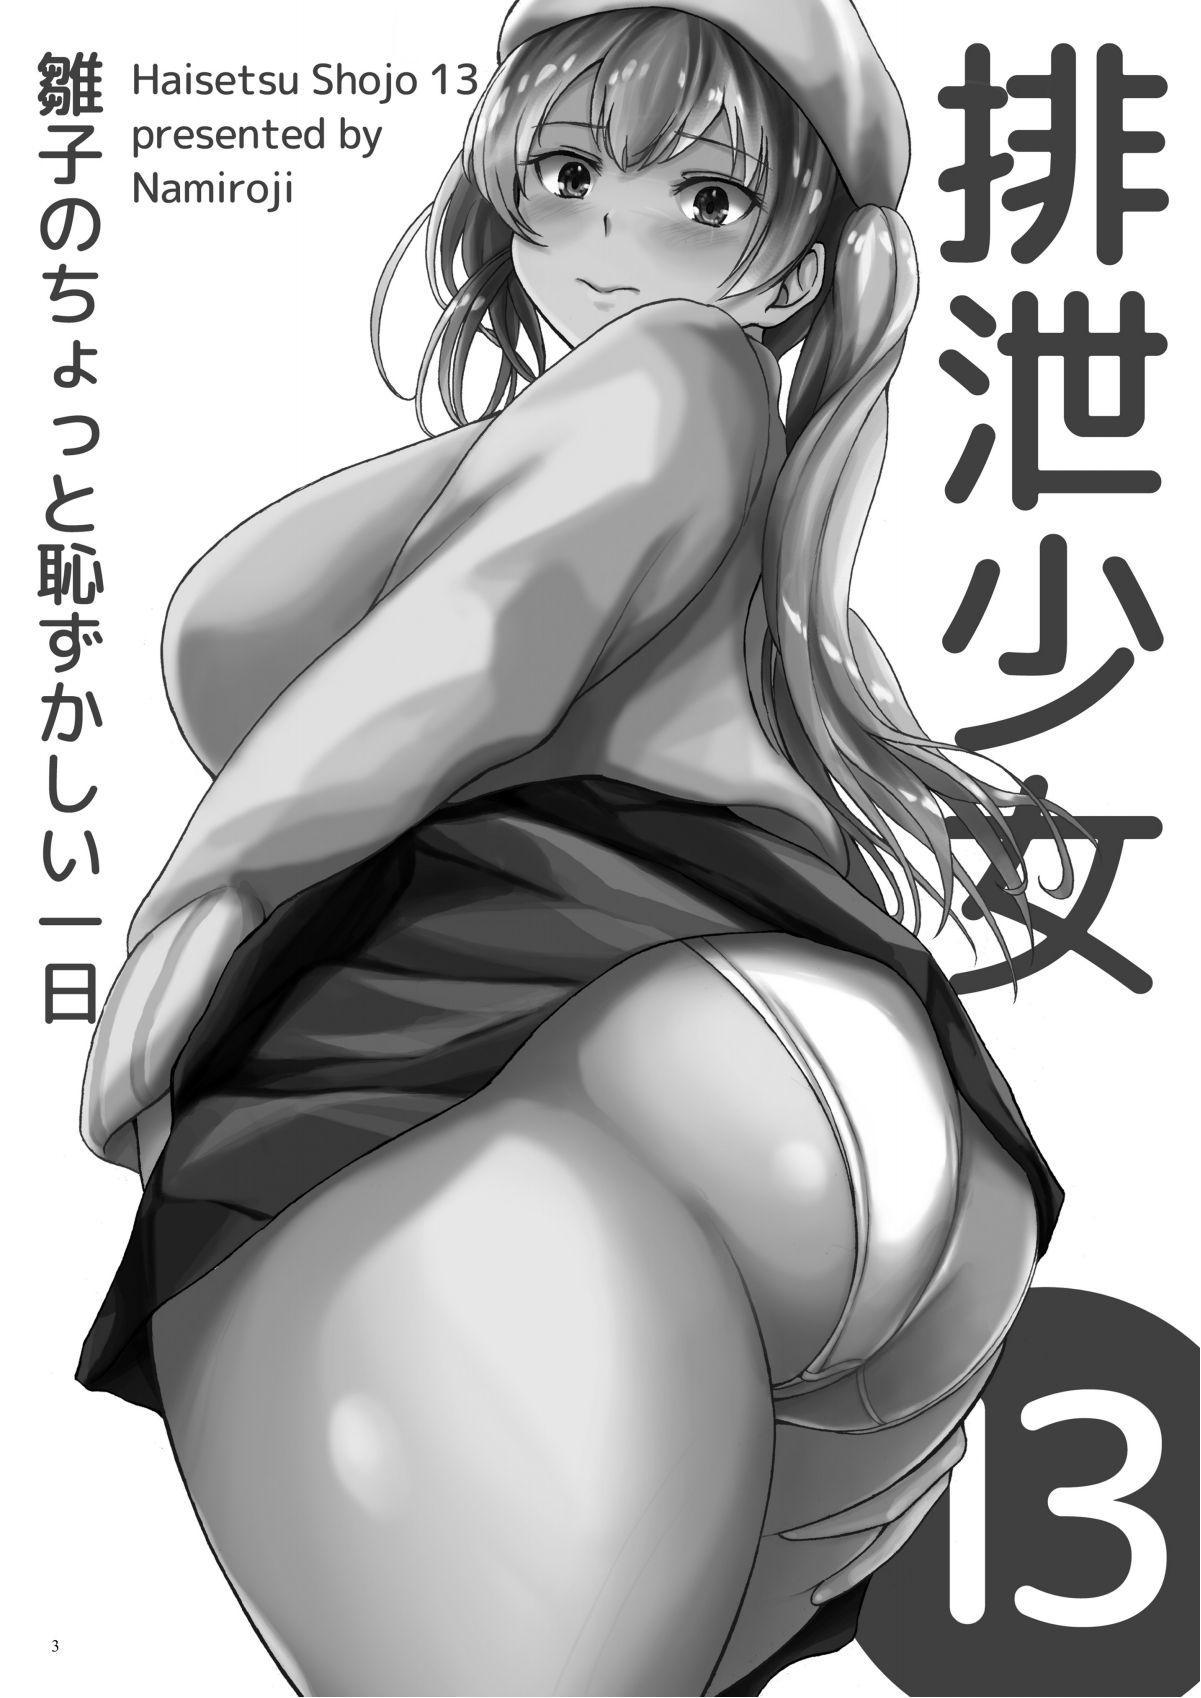 Haisetsu Shoujo 13 Hinako no Chotto Hazukashii Ichinichi 1